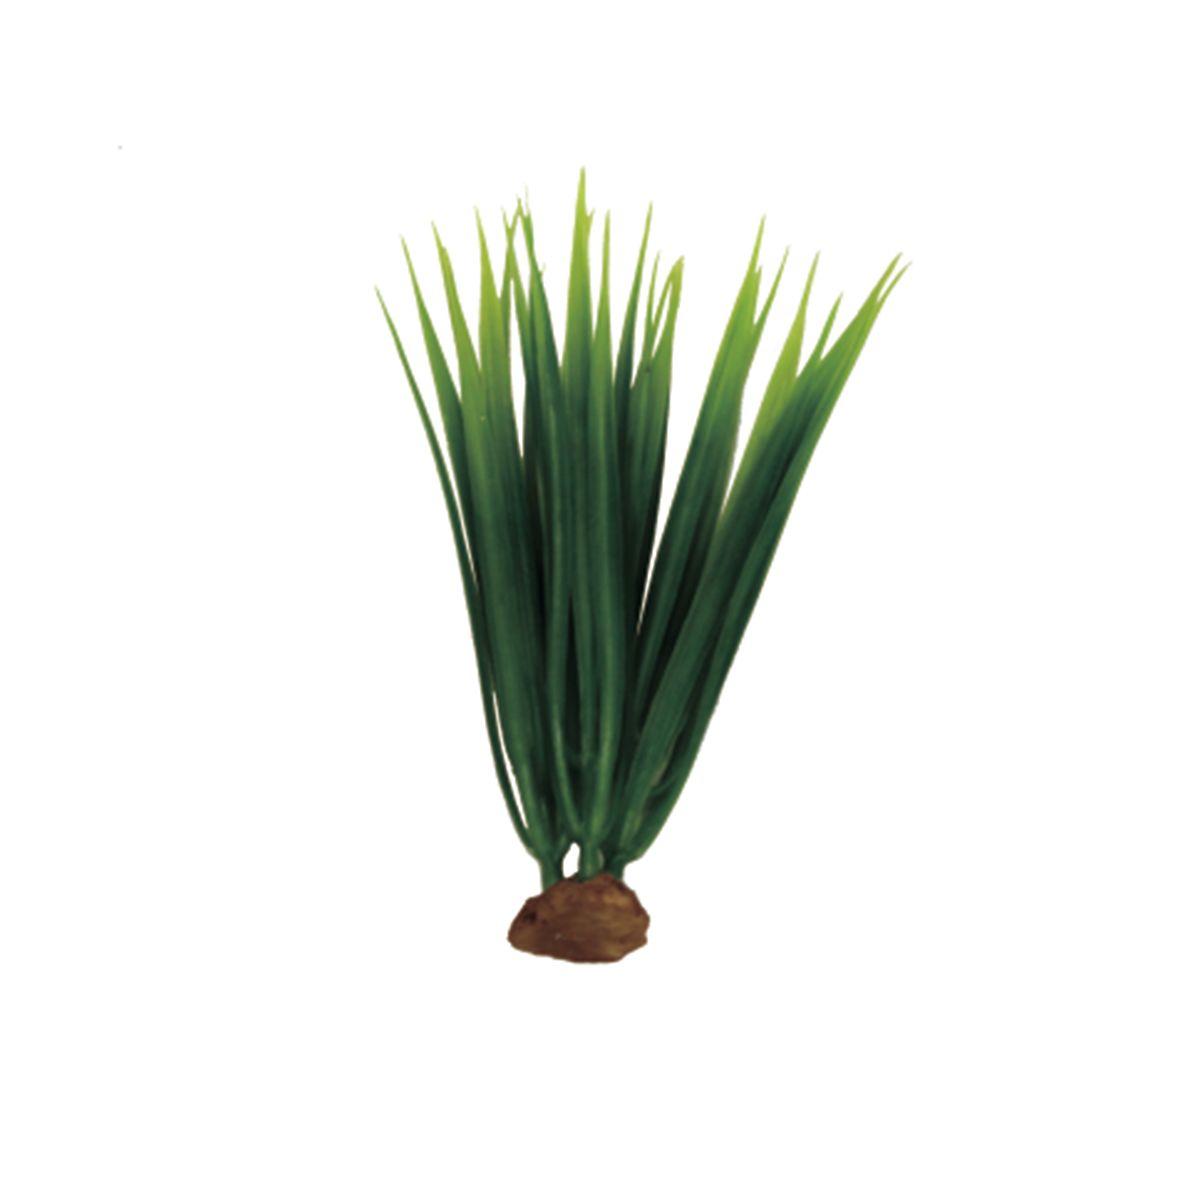 Растение для аквариума ArtUniq Акорус, высота 15 см, 5 штART-1170519Растение для аквариума ArtUniq Акорус, высота 15 см, 5 шт